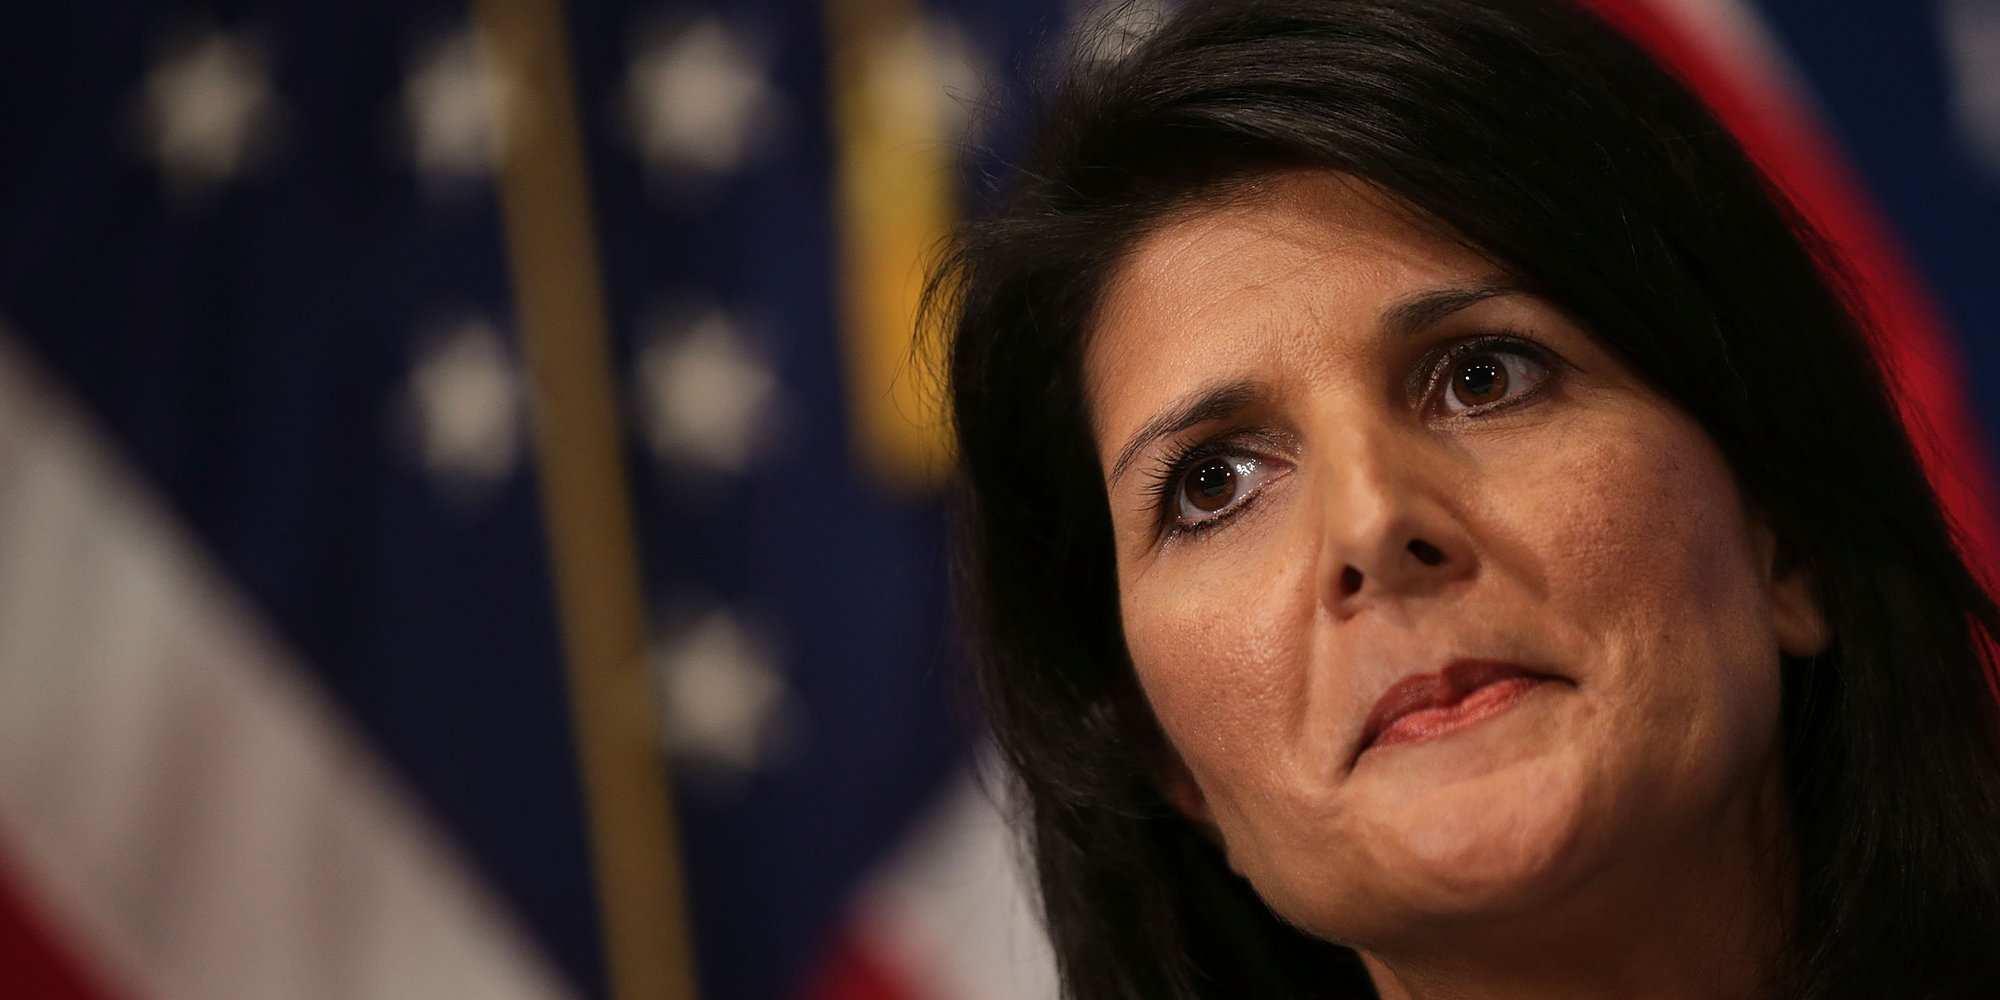 США атакуют Сирию независимо от решения Совбеза ООН, — Хейли | Русская весна